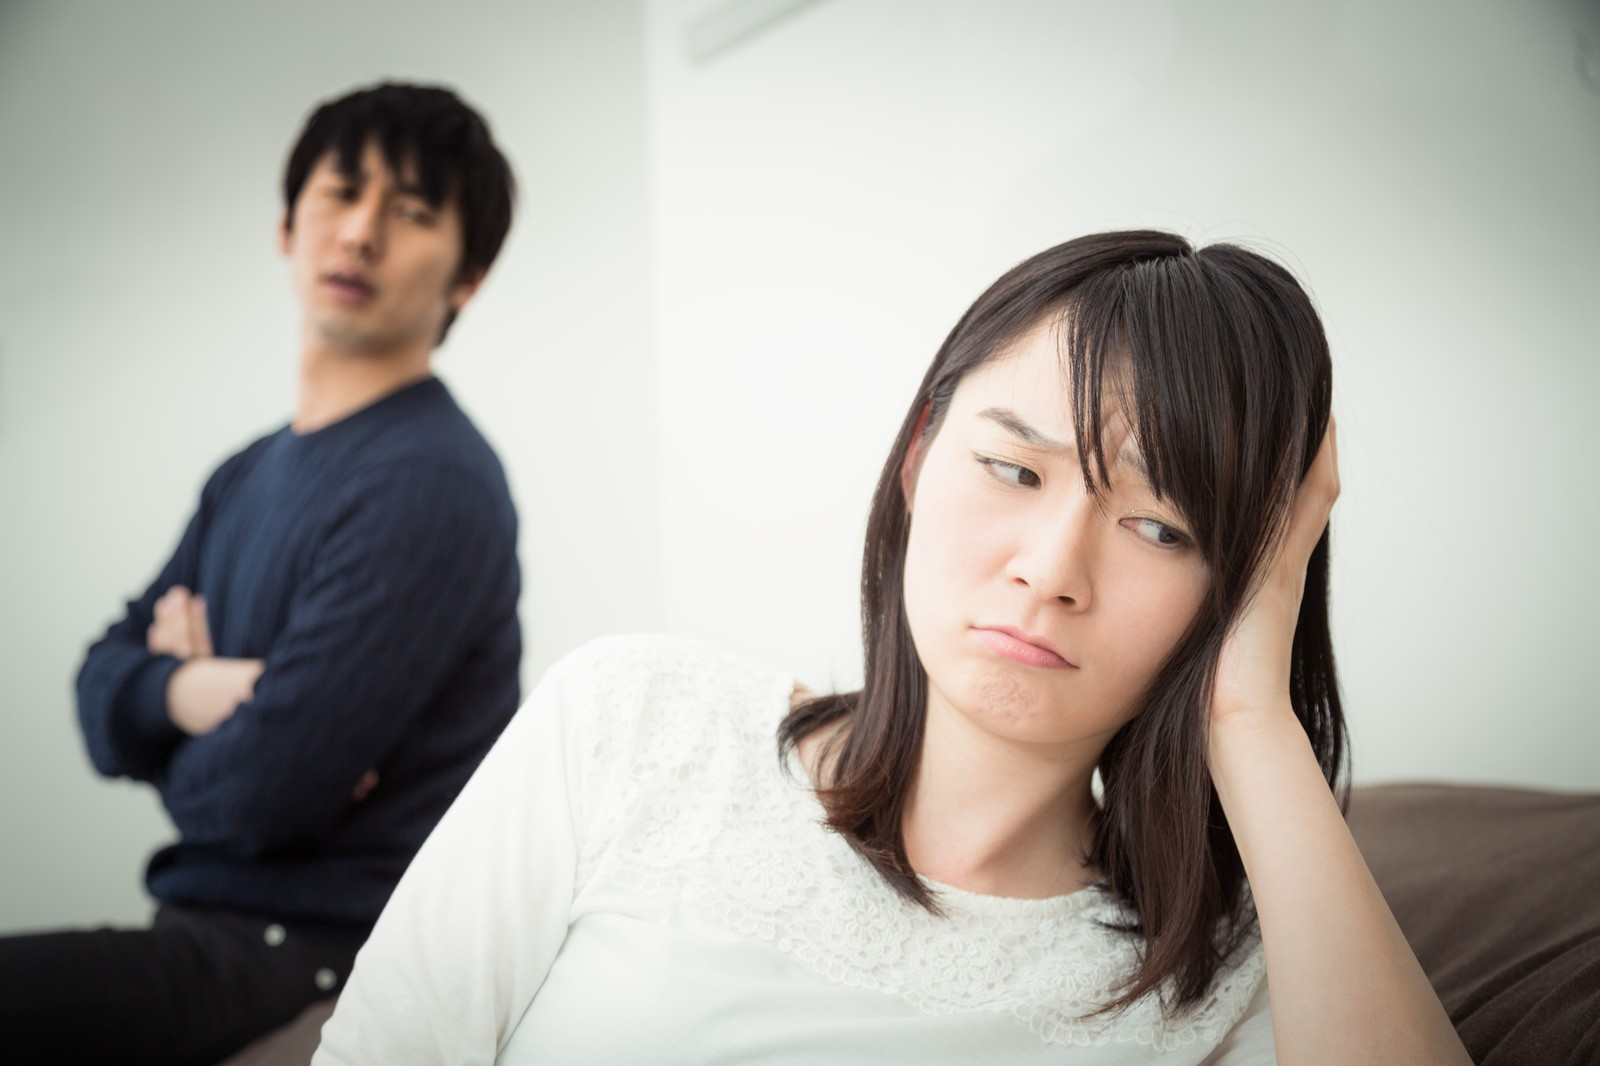 ▲▼男女,交往,吵架,男朋友,女朋友,感情。(圖/PAKUTAS)